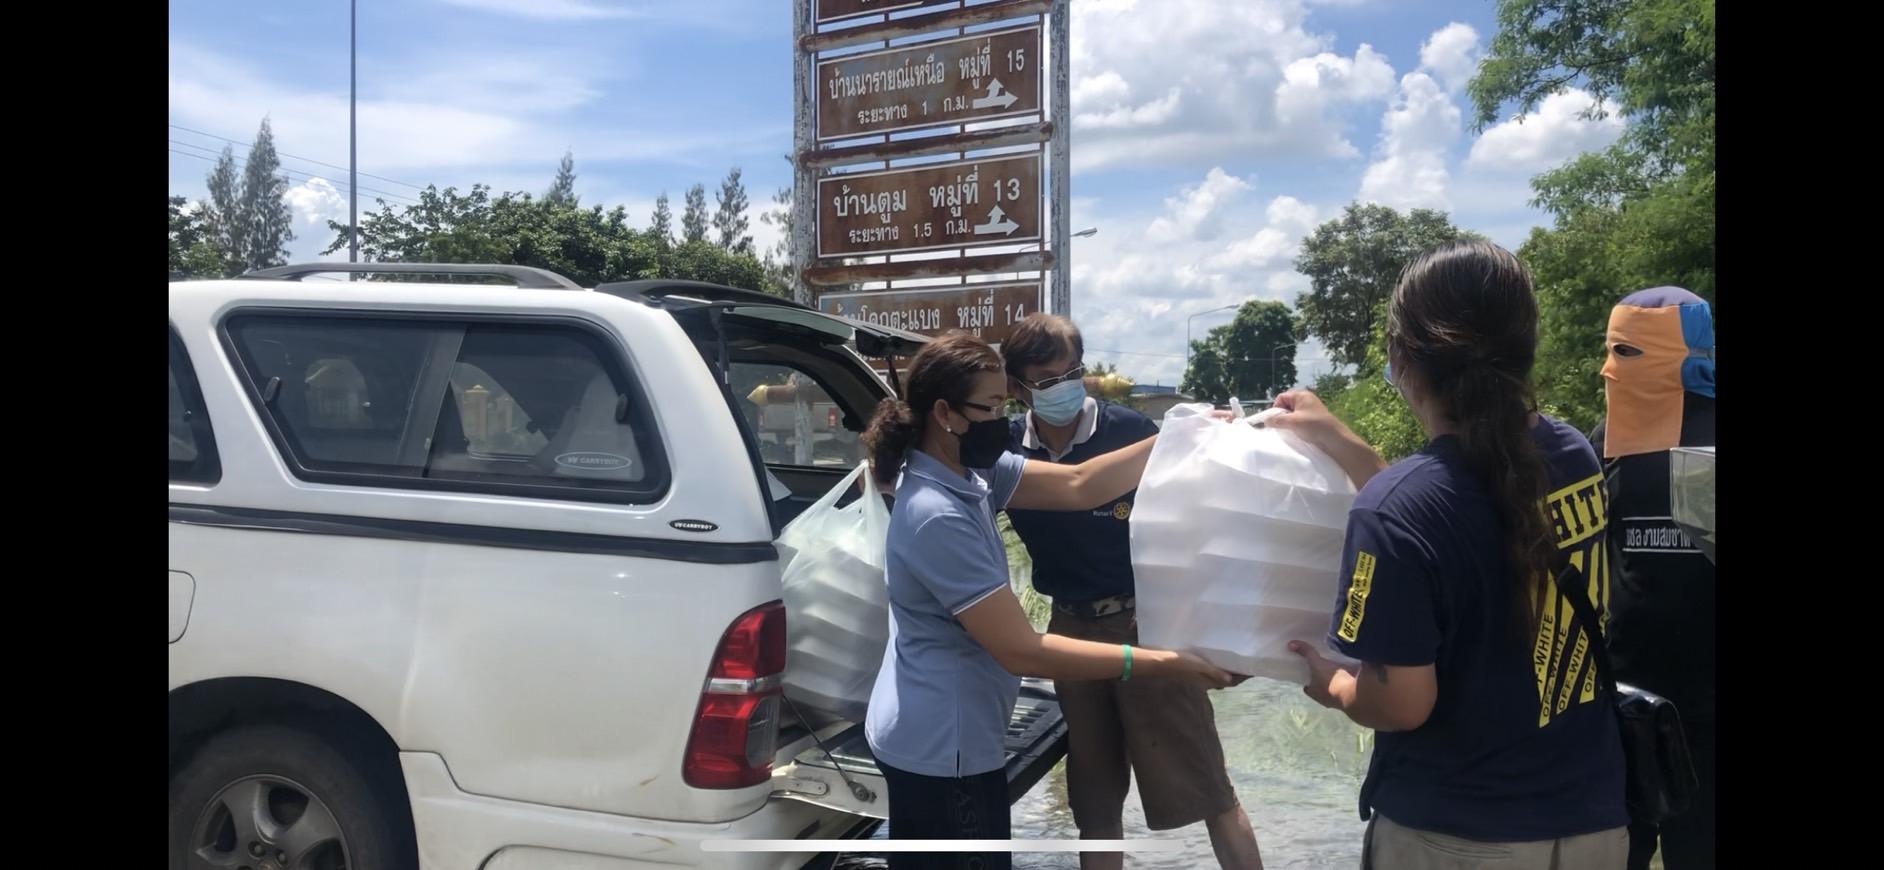 สโมสรโรตารีครบุรีโคราชวมบริจาคข้าวกล่อง ขนม น้ำดื่ม เพื่อช่วยเหลือผู้ประสบภัยน้ำท่วม